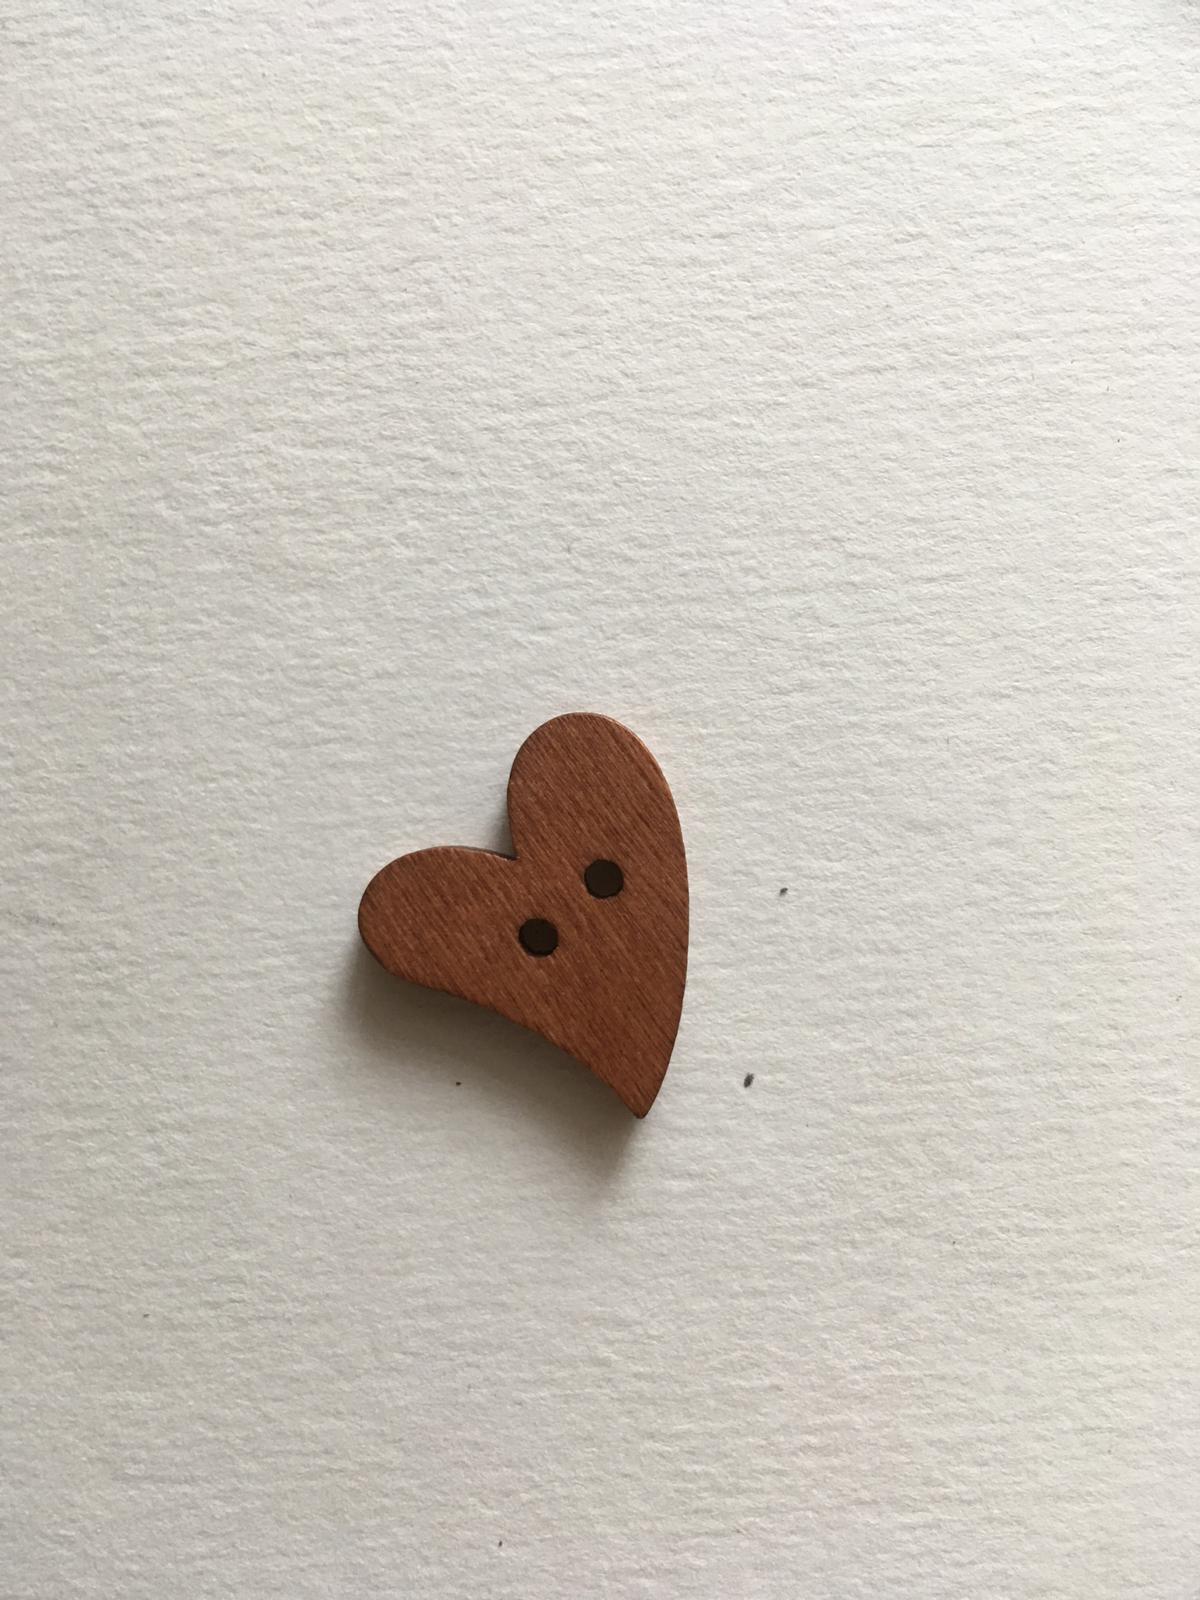 Srdíčko na vývazky - Obrázek č. 1